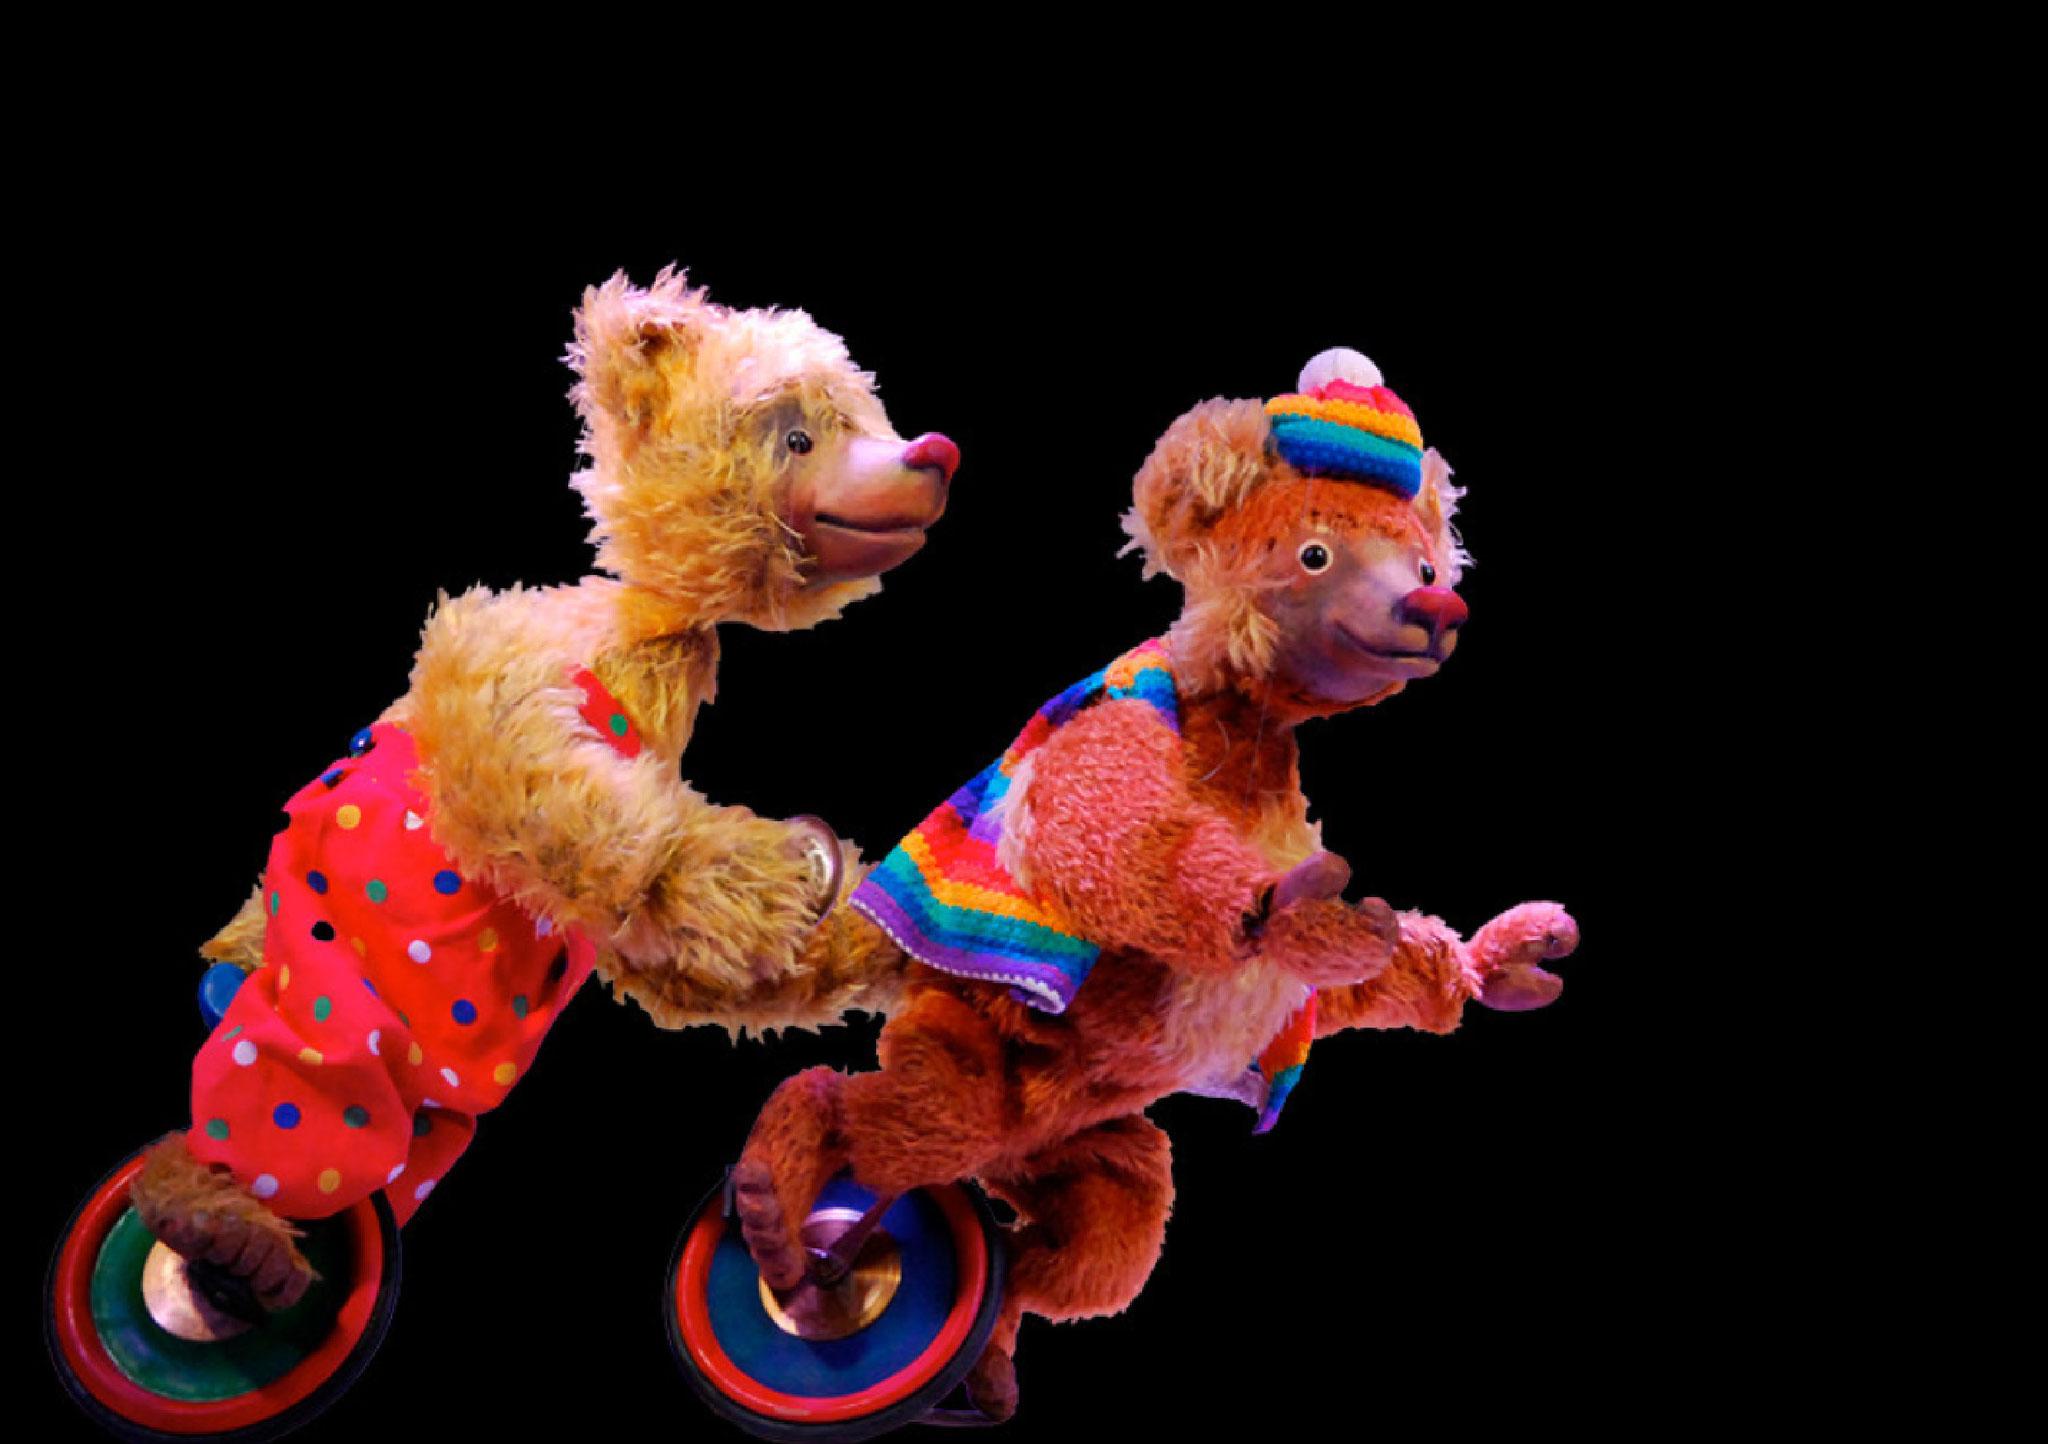 Mit einer spektakulären Einradnummer beschliessen Ben und Petz die Vorstellung.